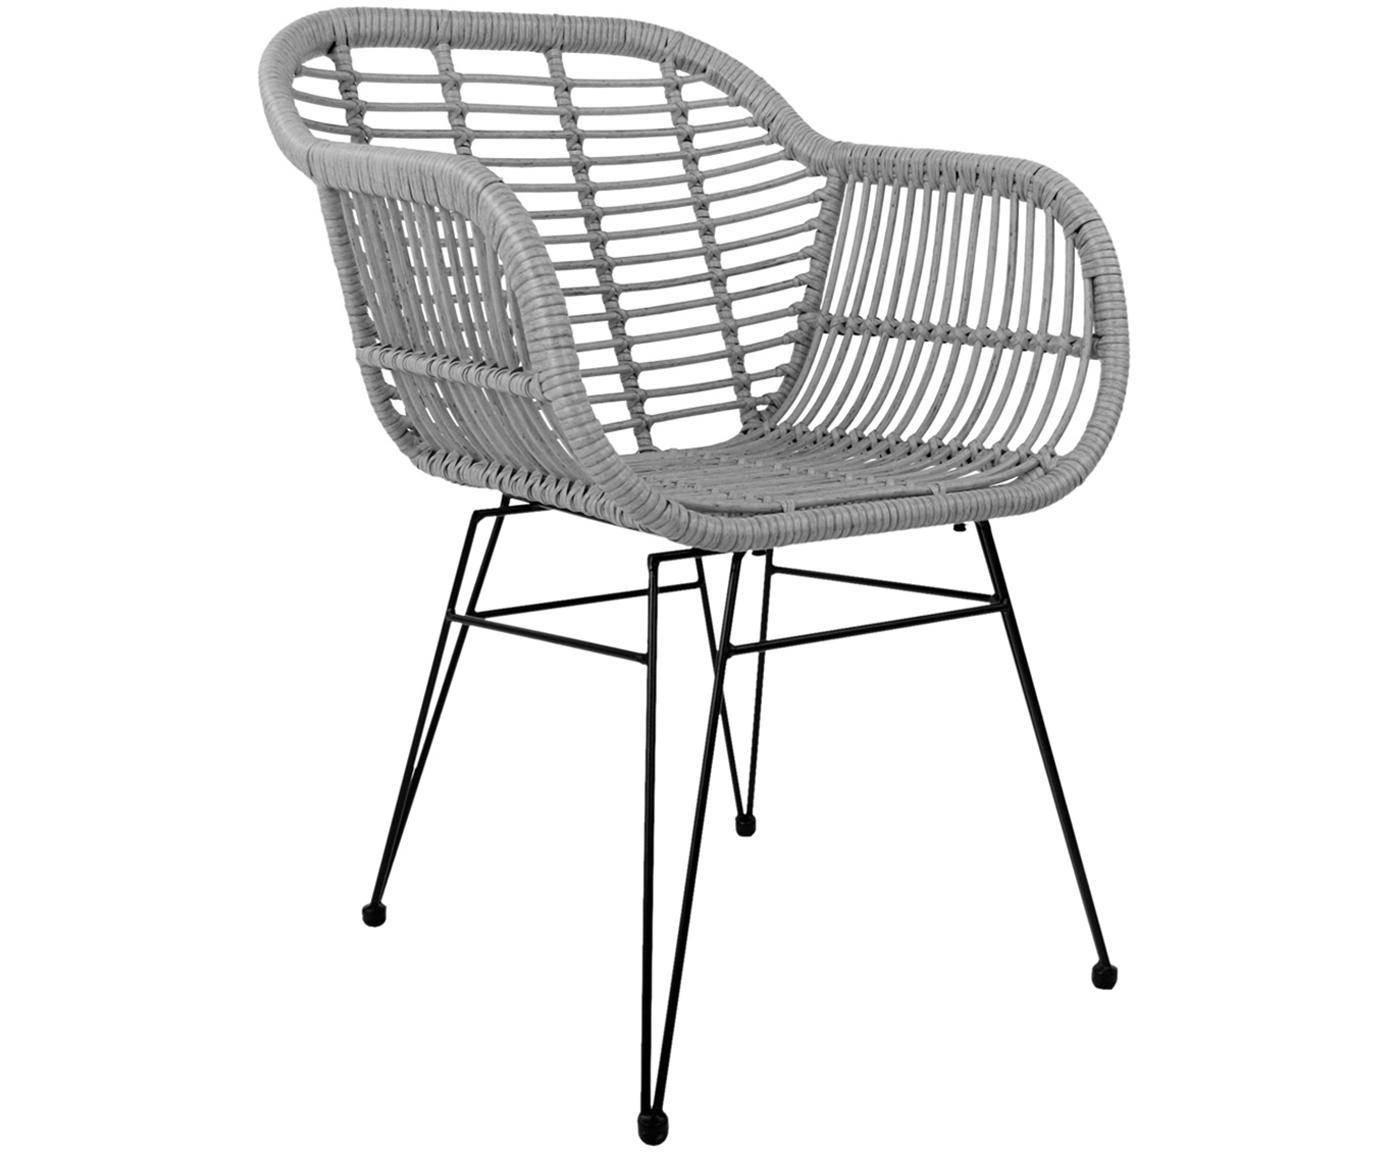 Polyrattan-Armlehnstühle Costa, 2 Stück, Sitzfläche: Polyethylen-Geflecht, Gestell: Metall, pulverbeschichtet, Grau, Beine Schwarz, B 60 x T 58 cm